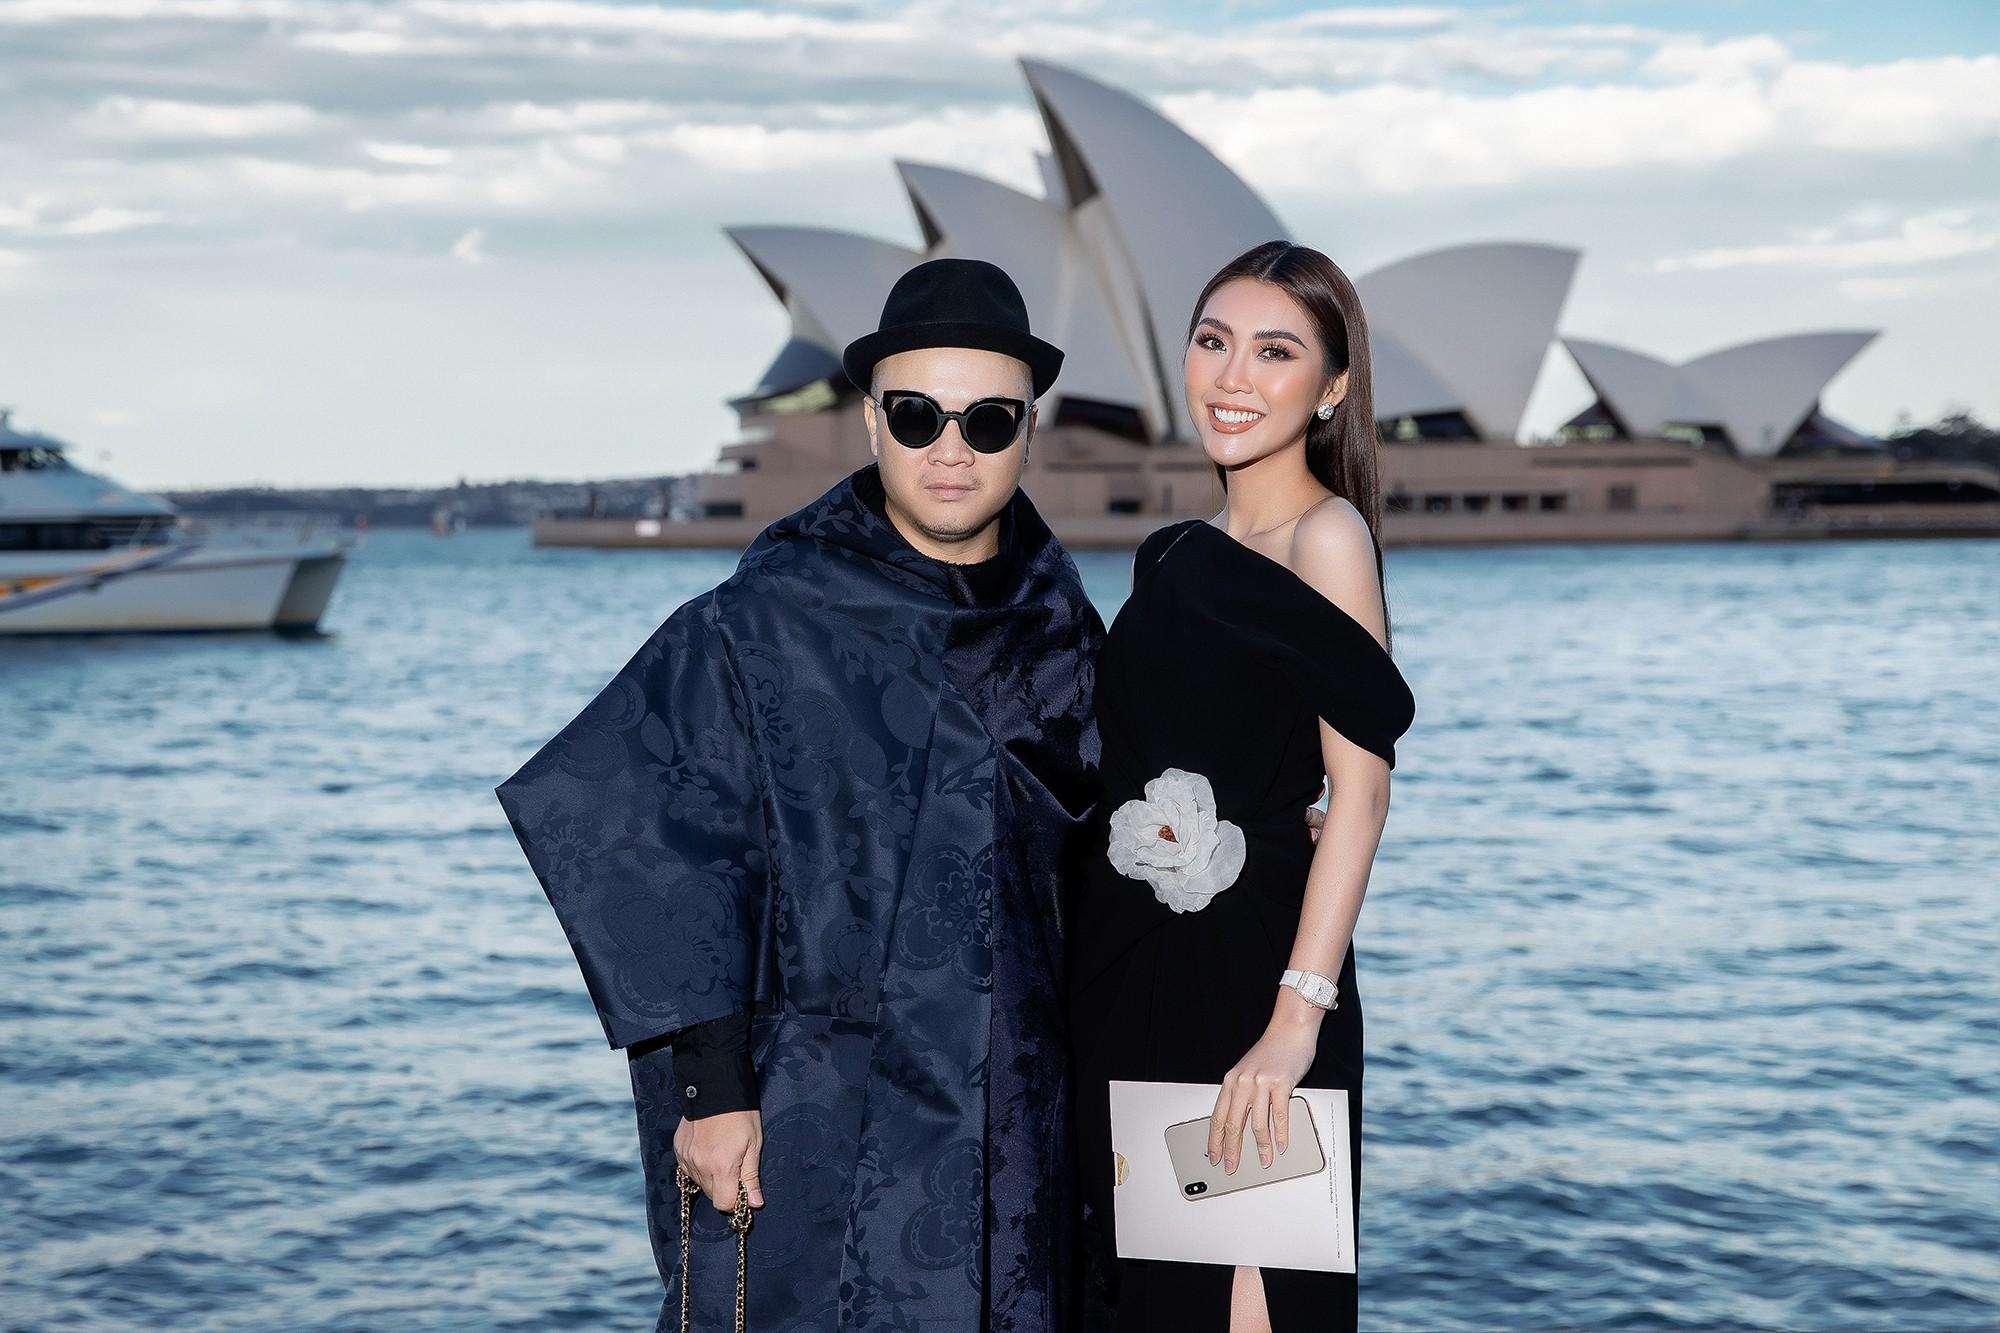 Show mới nhất của Đỗ Mạnh Cường tại Úc: Hà Tăng kín như bưng vẫn đẹp ngút trời, Mỹ Linh và Tiểu Vy trông đều khác lạ - Ảnh 14.